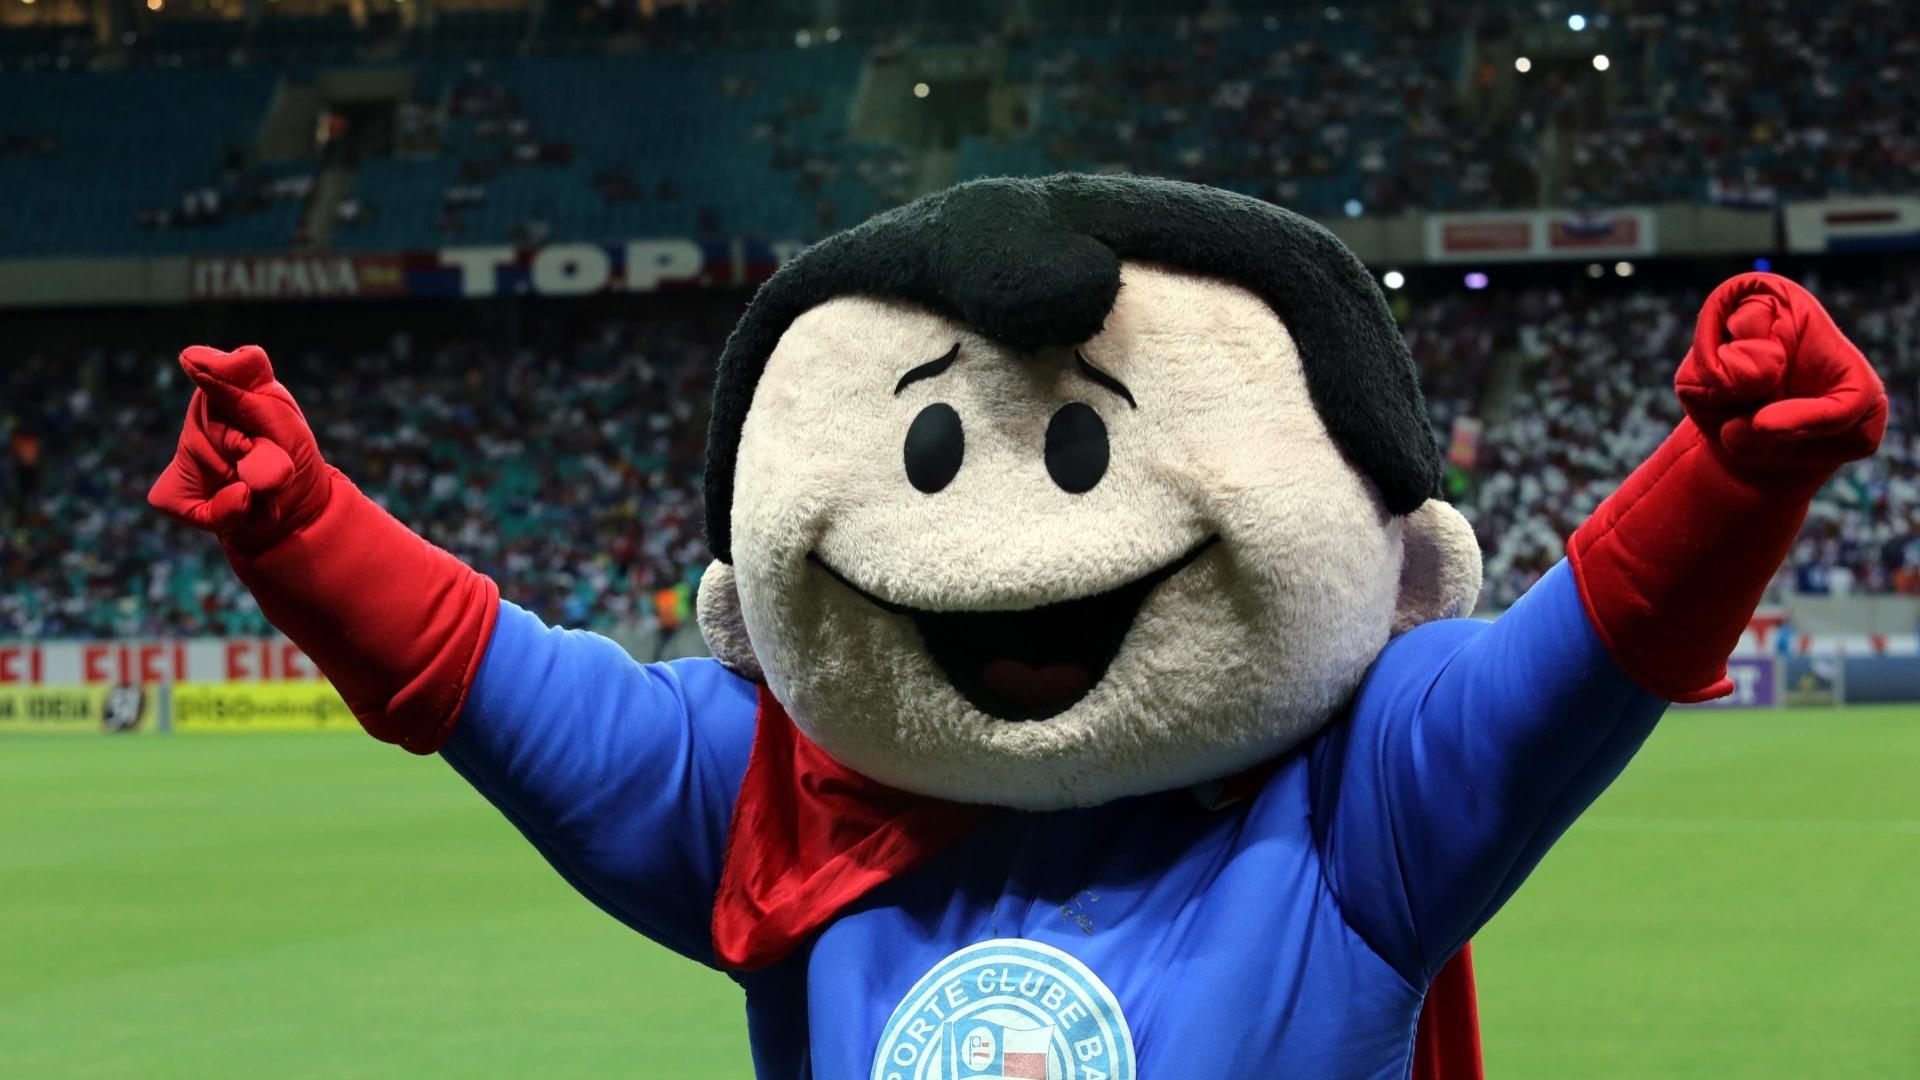 09.nov.2013 - Mascote oficial do time se apresenta à torcida do Bahia